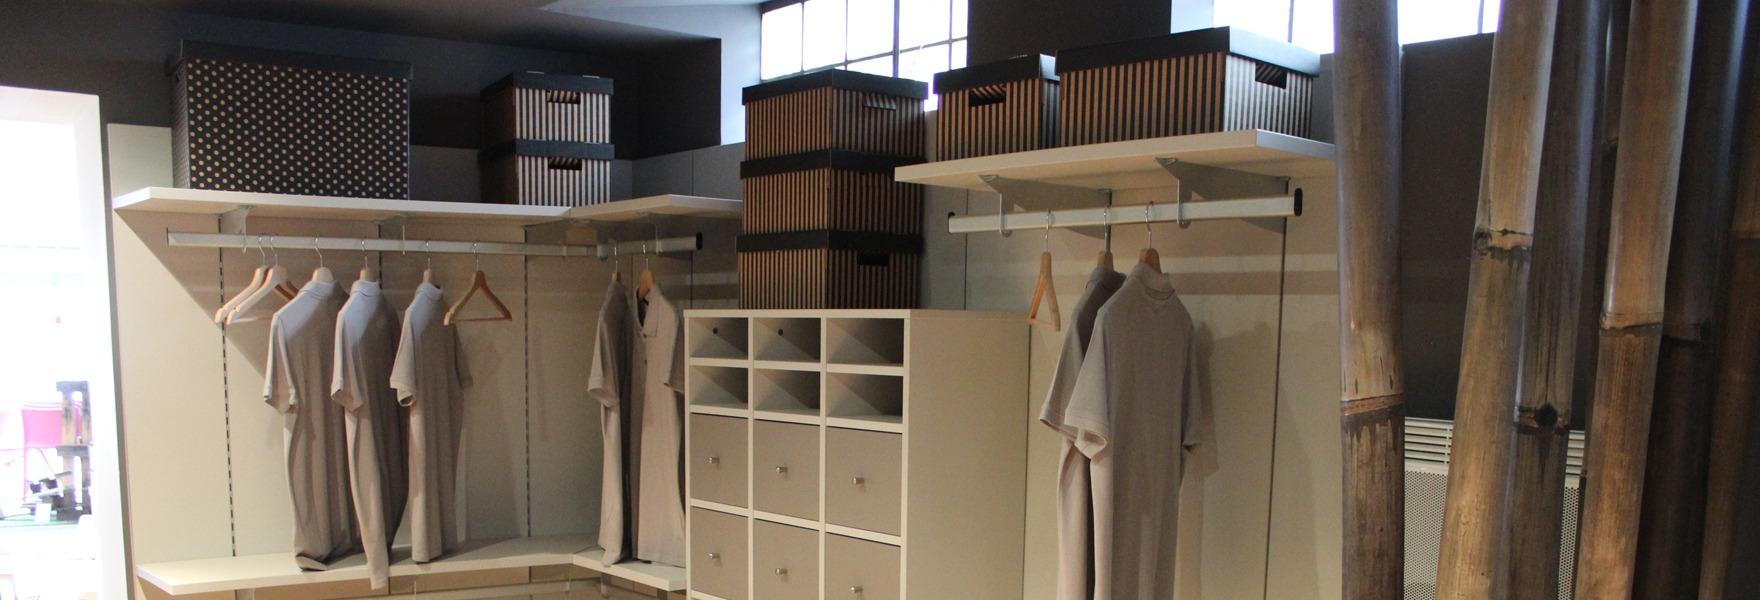 Modèle De Placard Dressing dressing placard sur mesure à angers, maine-et-loire (49)